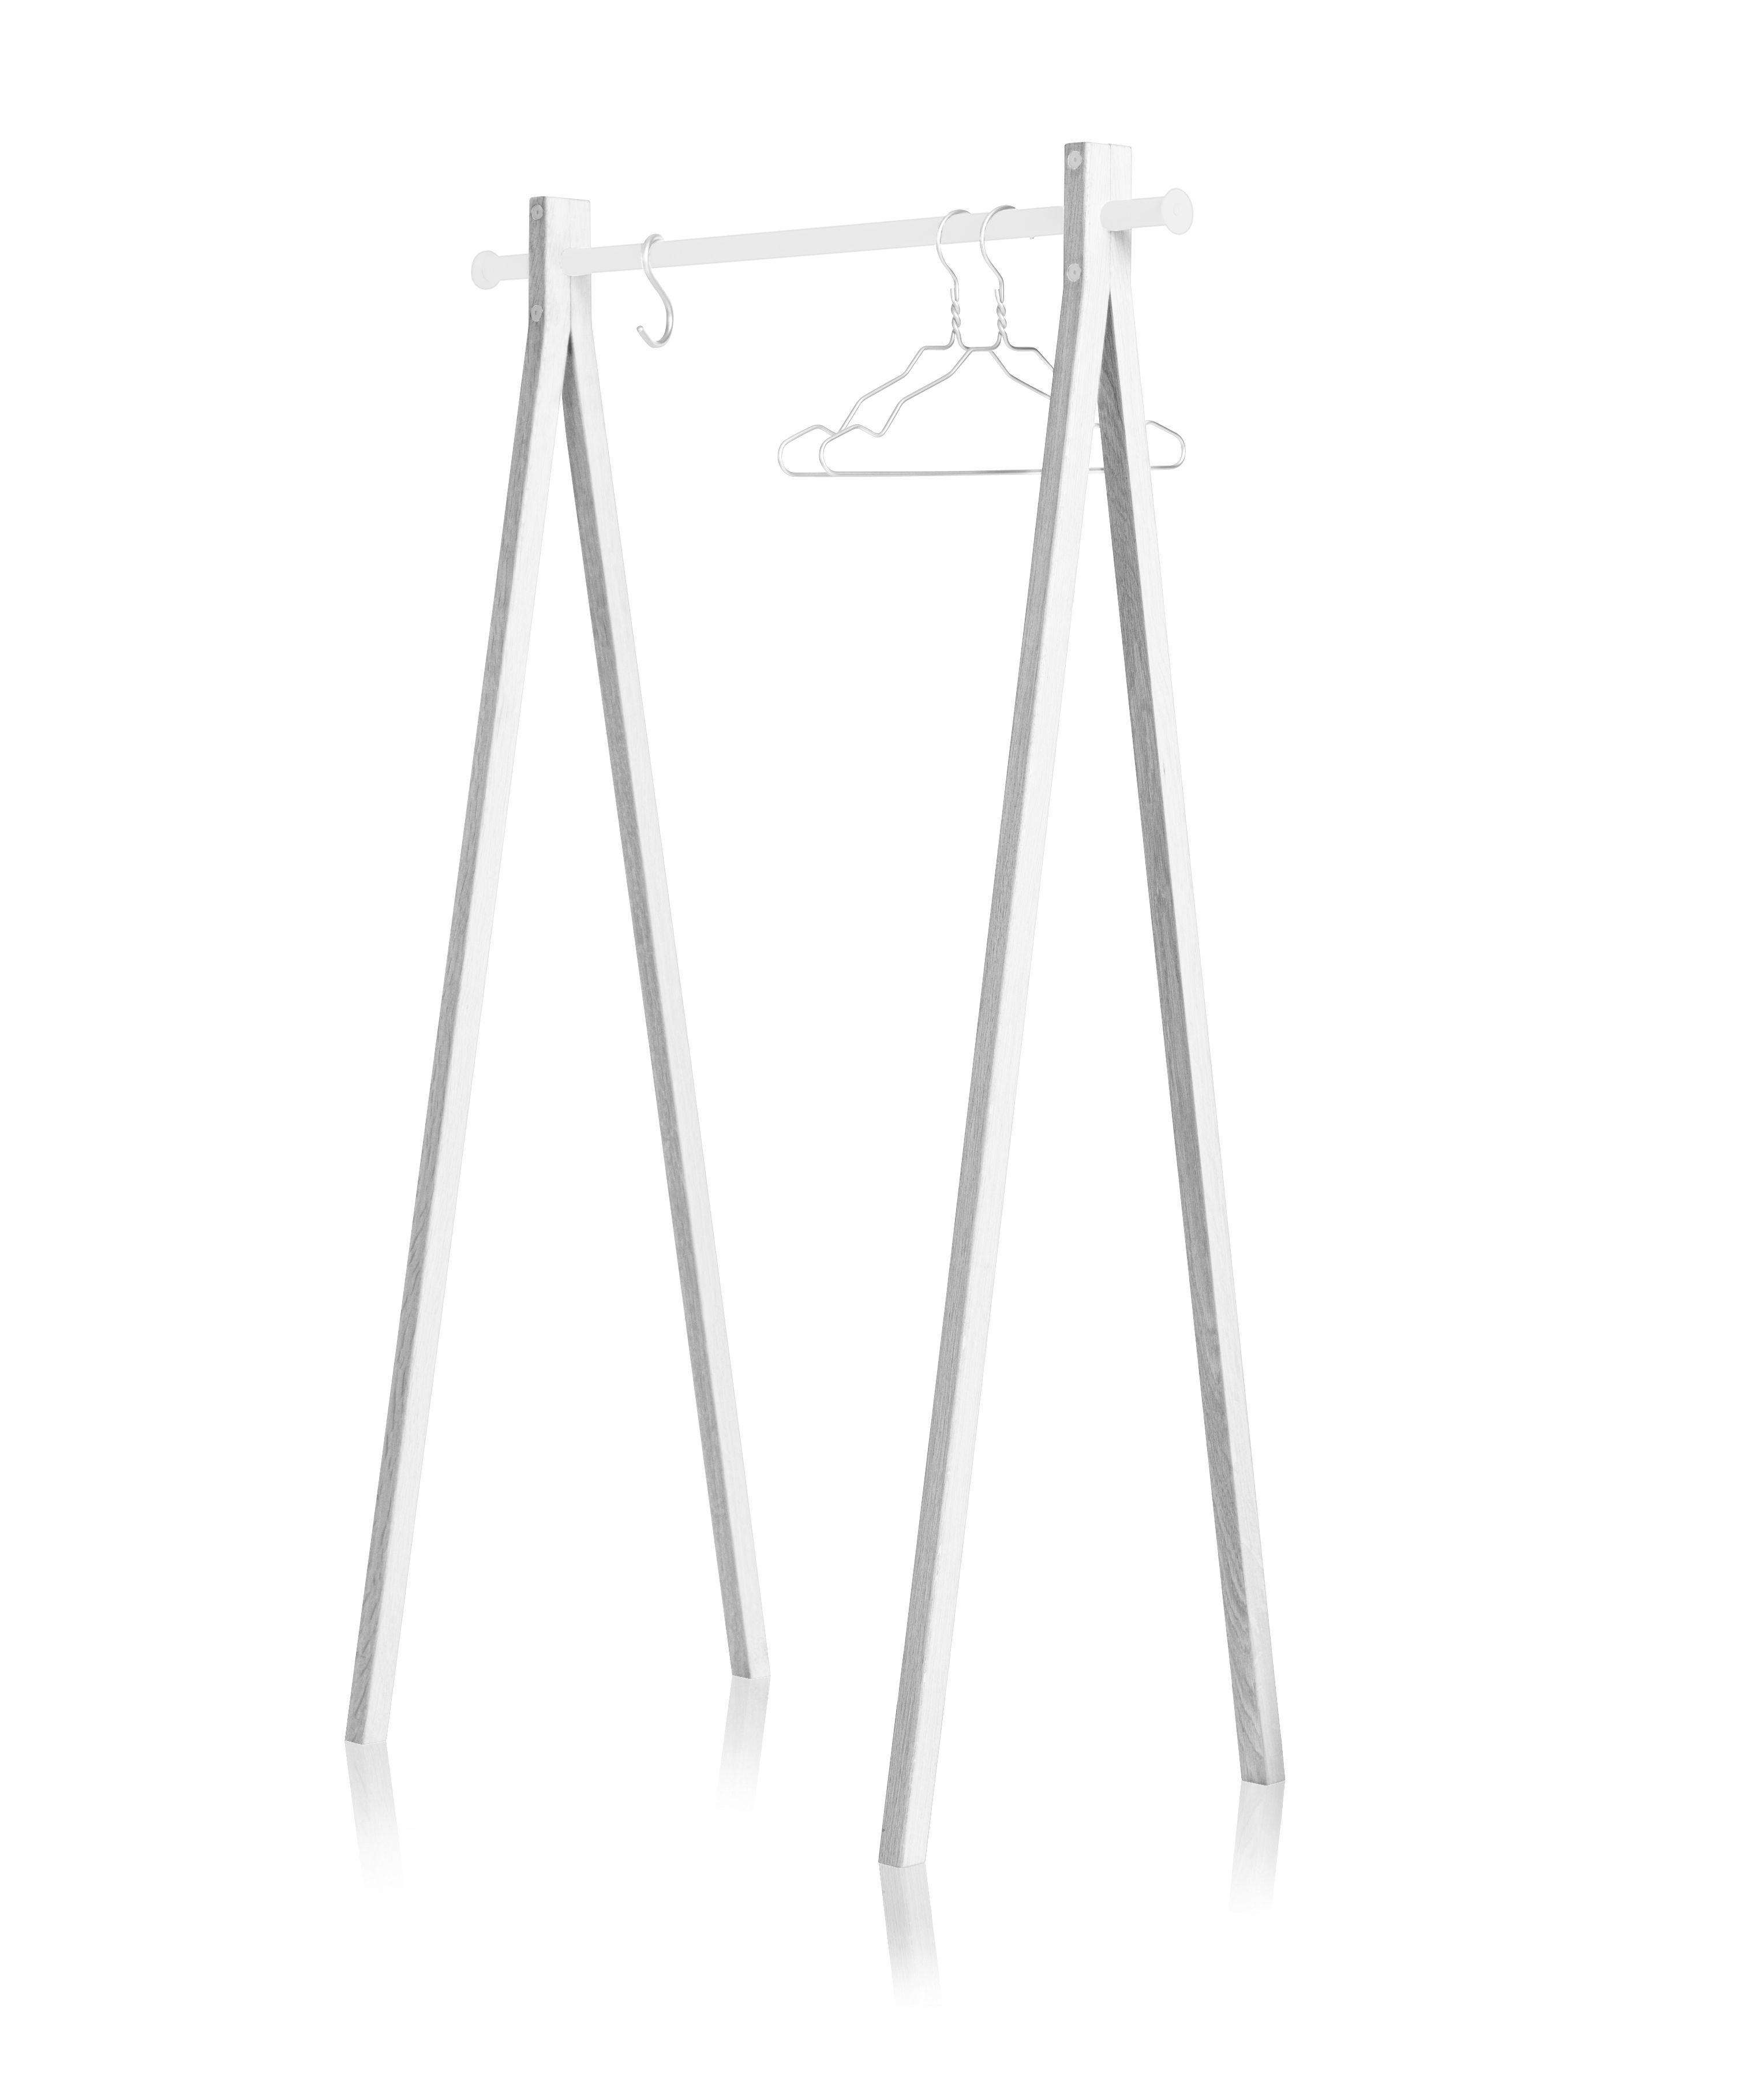 Arredamento - Appendiabiti  - Supporto Dress-up - / L 90 cm di Nomess - Bianco / Bianco appendiabiti - Alluminio laccato, Frassino tinto